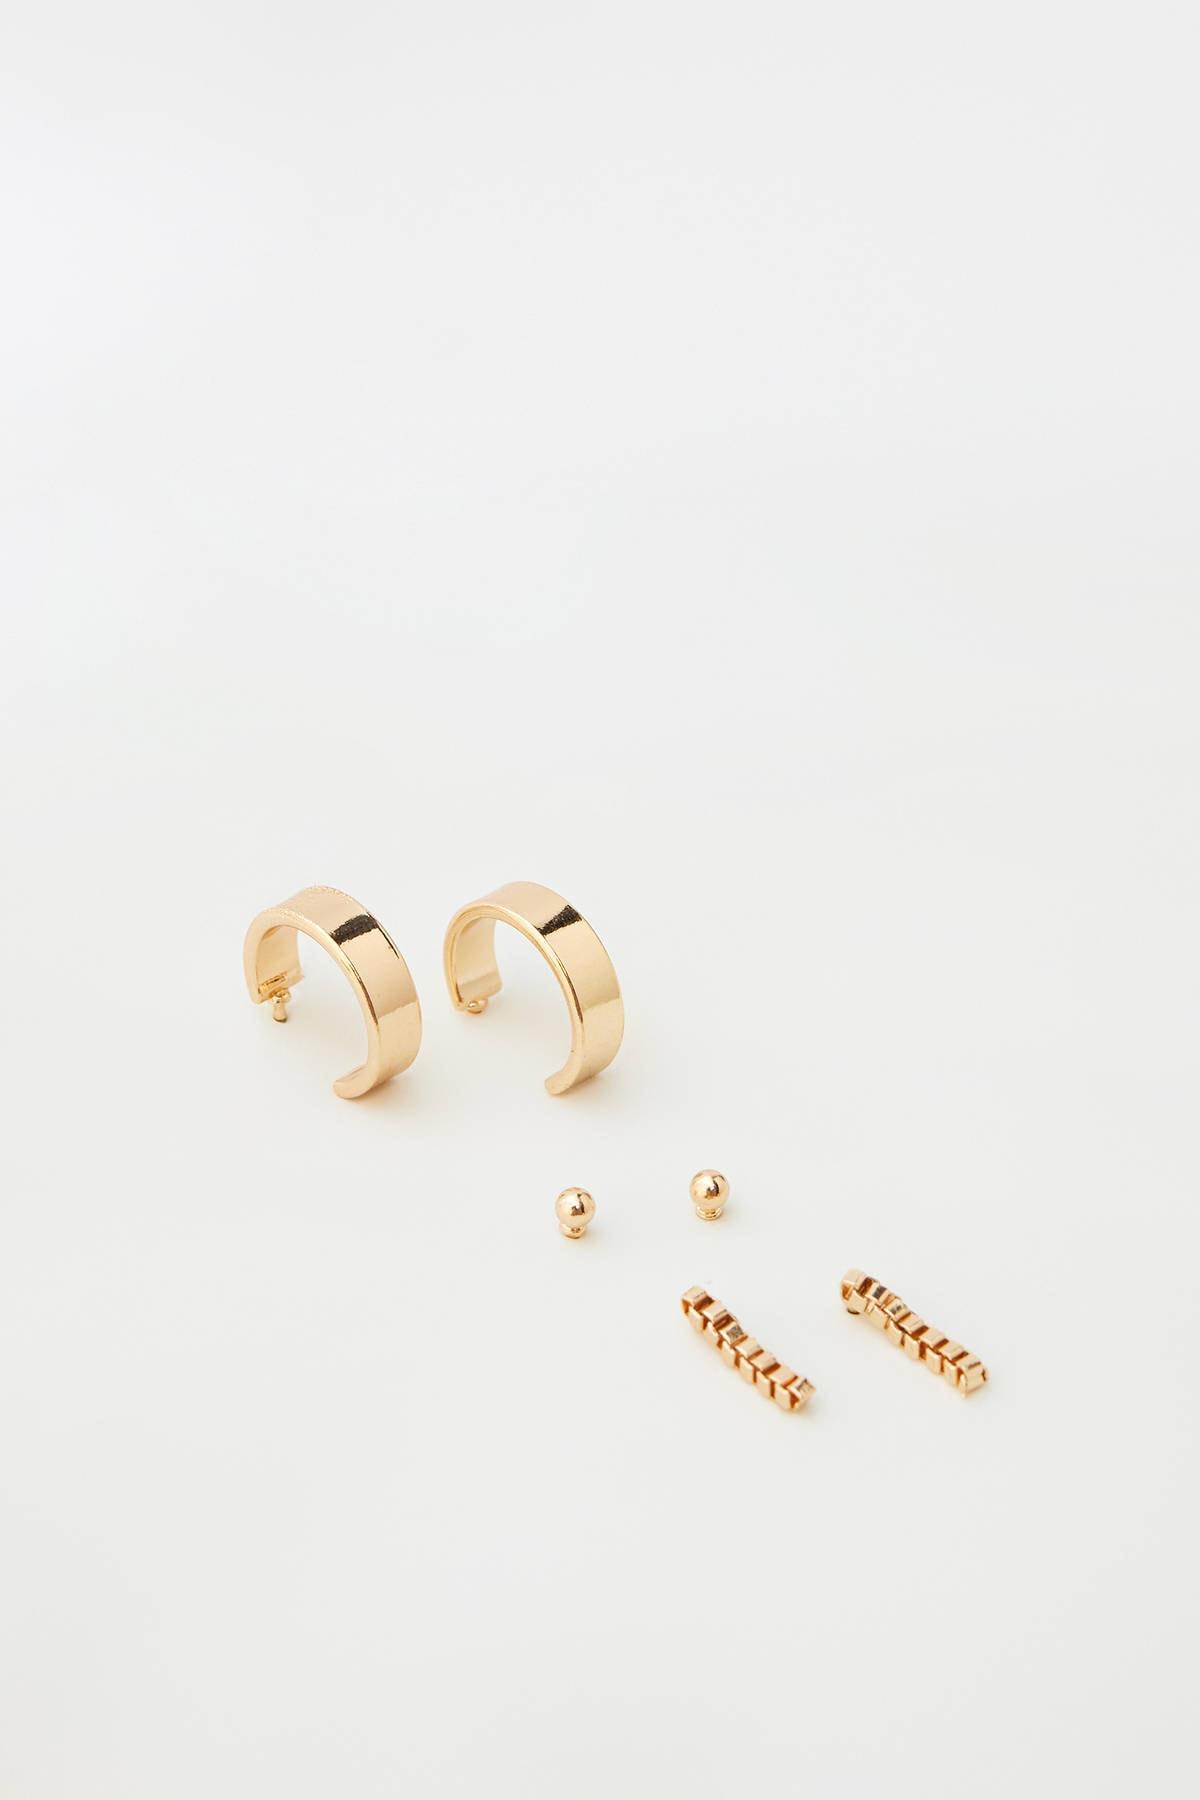 Pull & Bear Kadın Altın Rengi Parlak Taşlı Küpe Seti 05992314 2